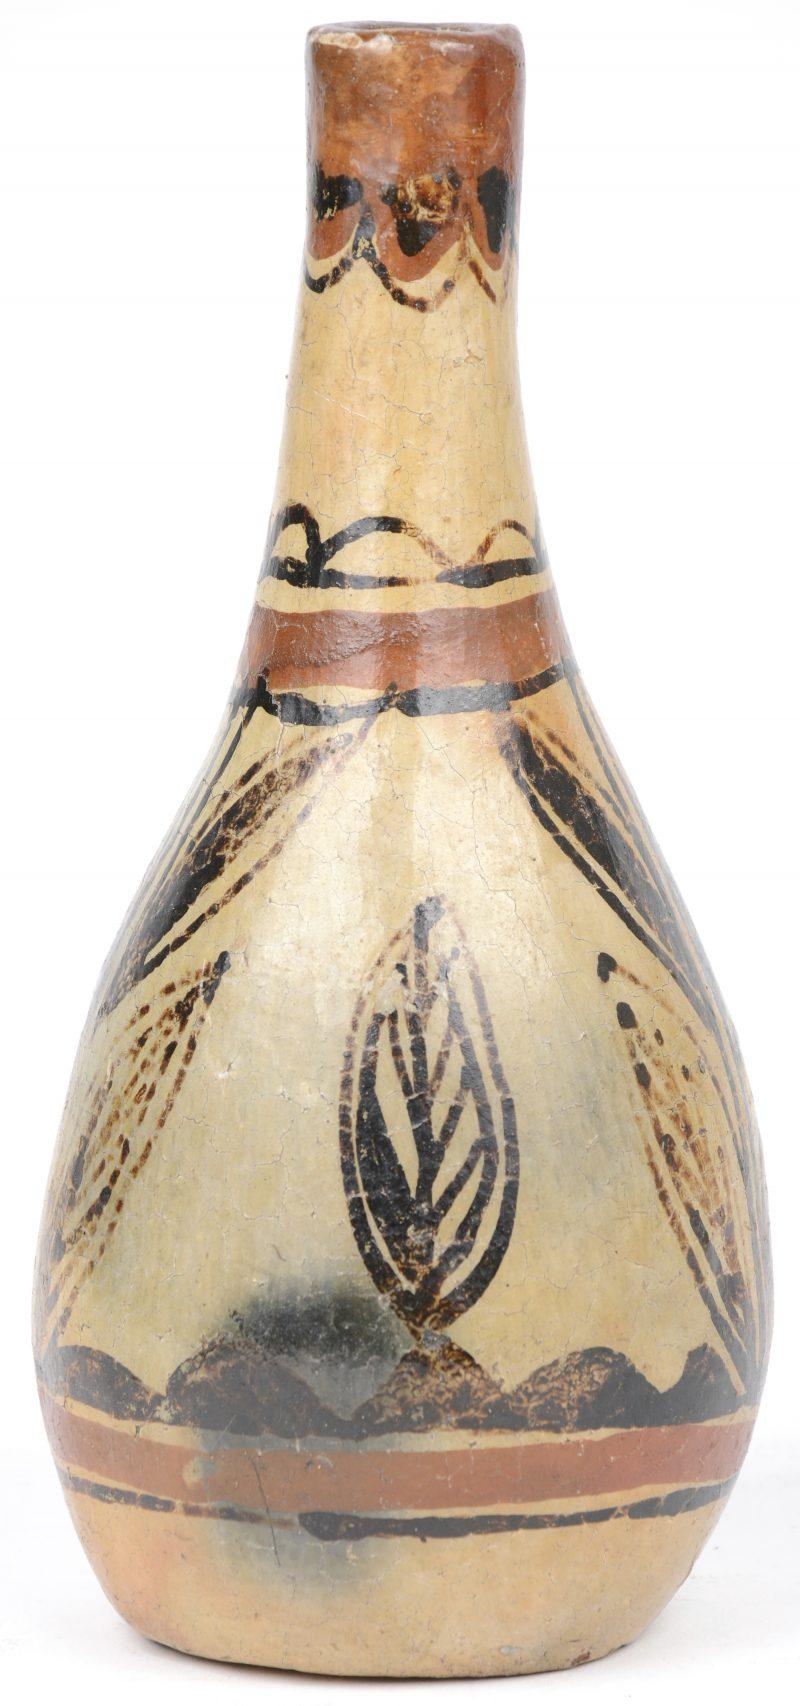 Een antiek flesvaasje van meerkleurig aardewerk met een bladerdecor.